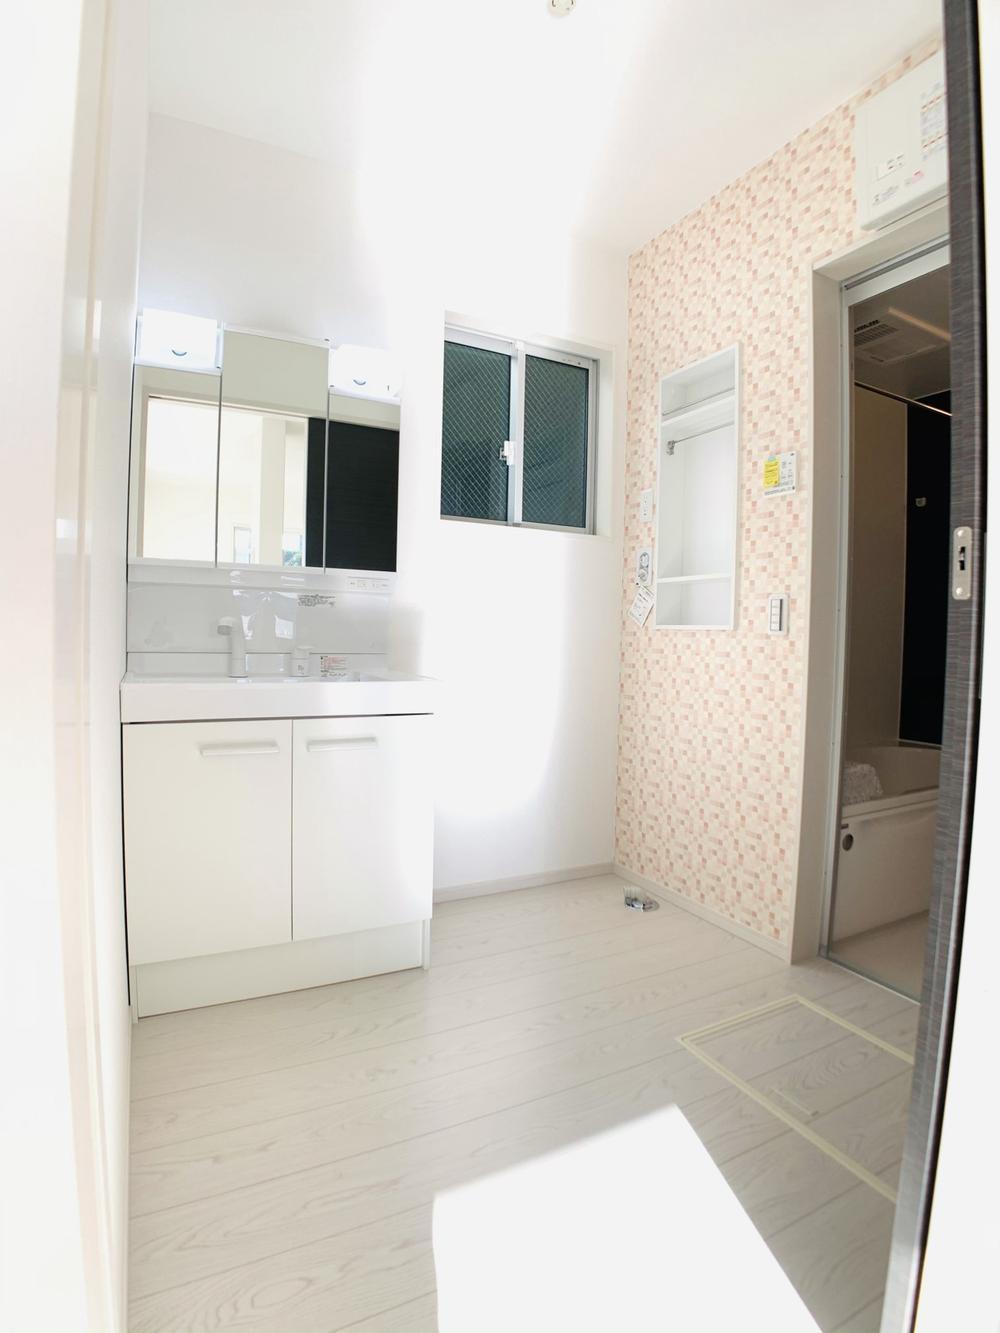 洗面台・洗面所1号棟|3面鏡が収納として使えるシャワー付き洗面化粧台。スプレーやコンタクトの洗浄液など、背の高い物もスッキリ収納できます!